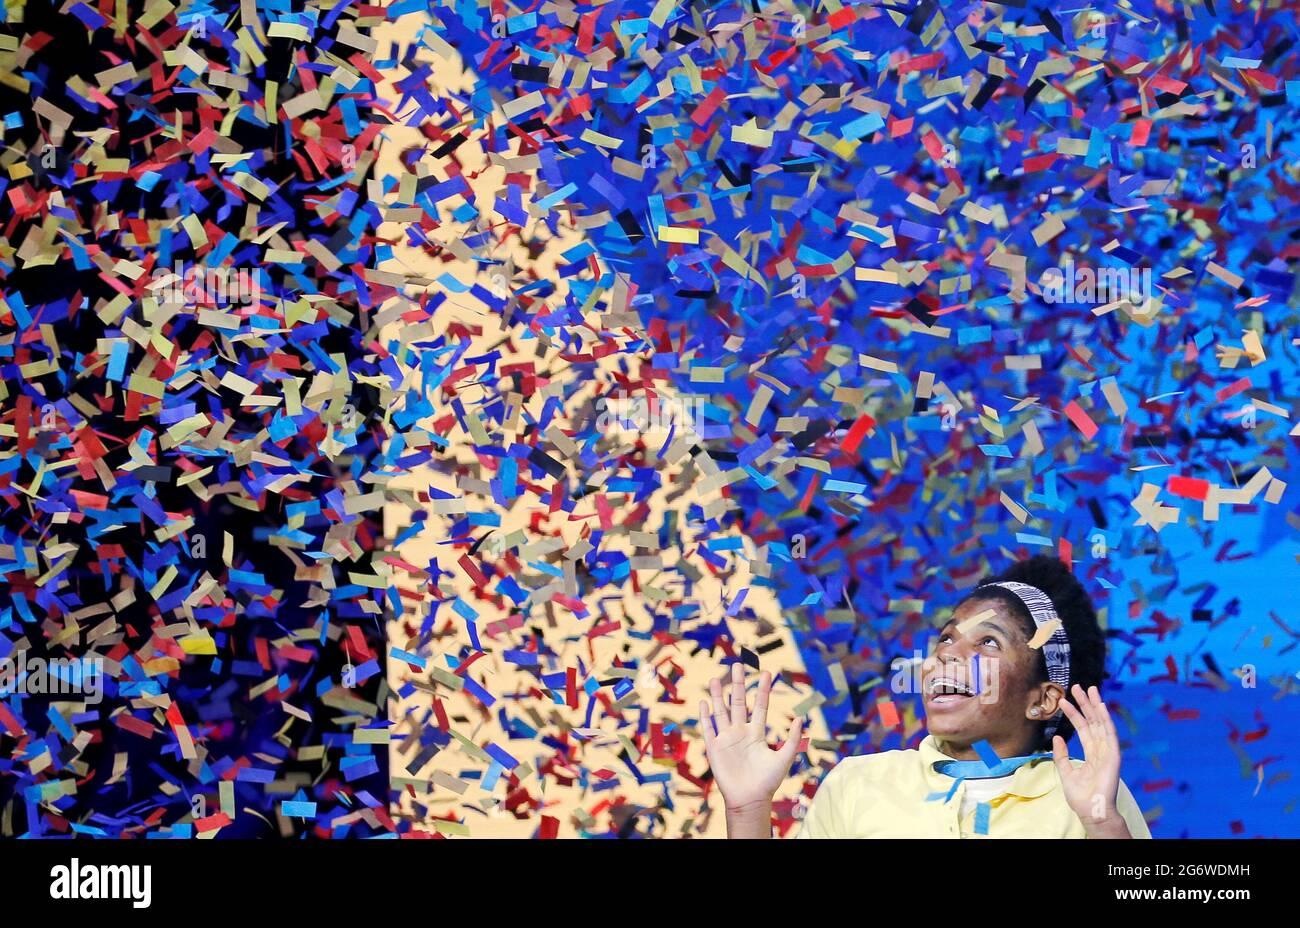 Zaila Avant-garde, 14 anni, di New Orleans, Louisiana, vince le finali 2021 Scrips National Spelling Bee al complesso ESPN Wide World of Sports al Walt Disney World Resort di Lake Buena Vista, Florida, 8 luglio 2021. REUTERS/Joe Skipper Foto Stock